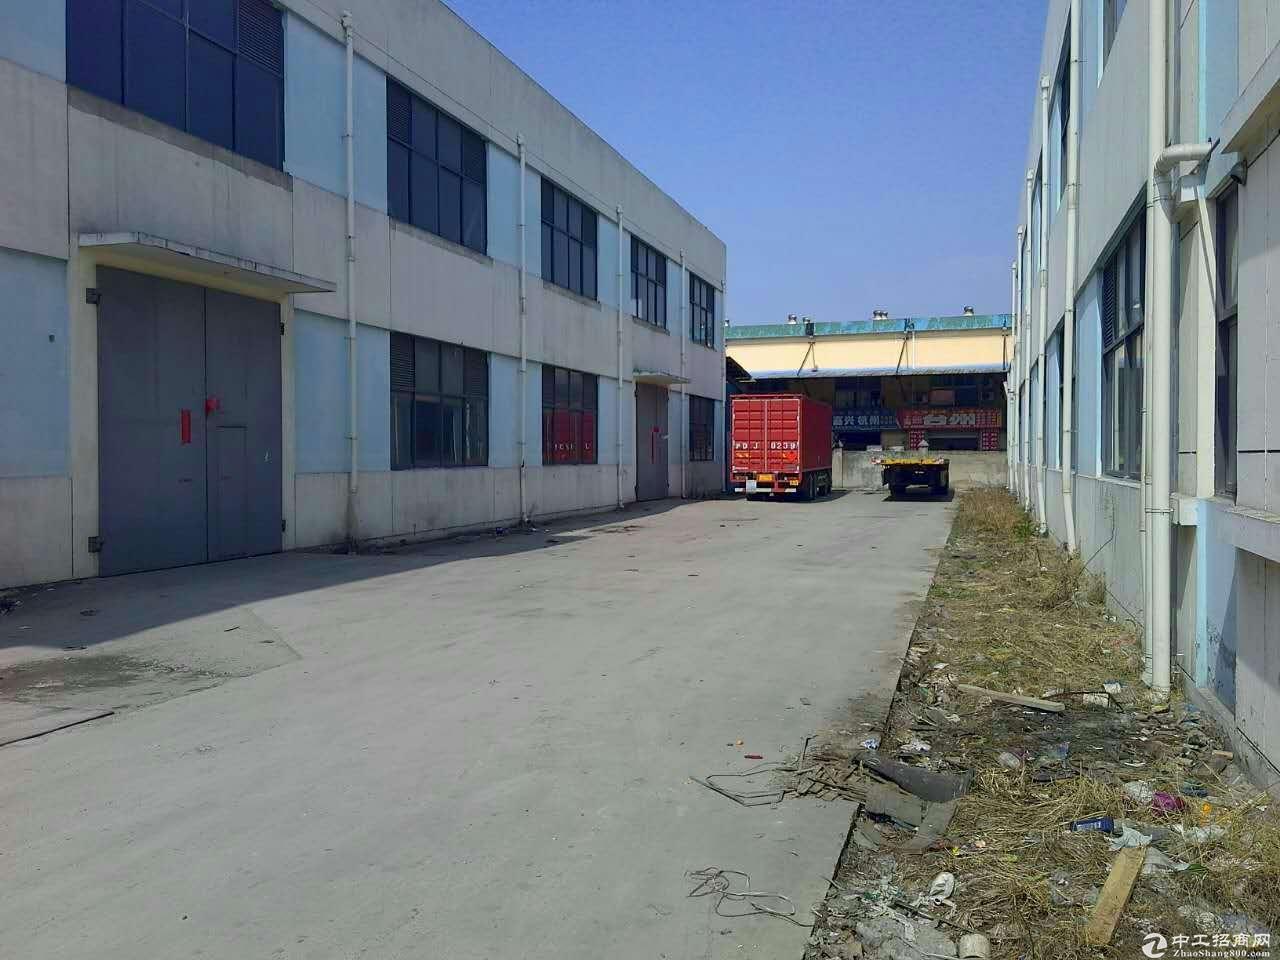 松江区独栋 近G15高速 可生产研发 可按揭